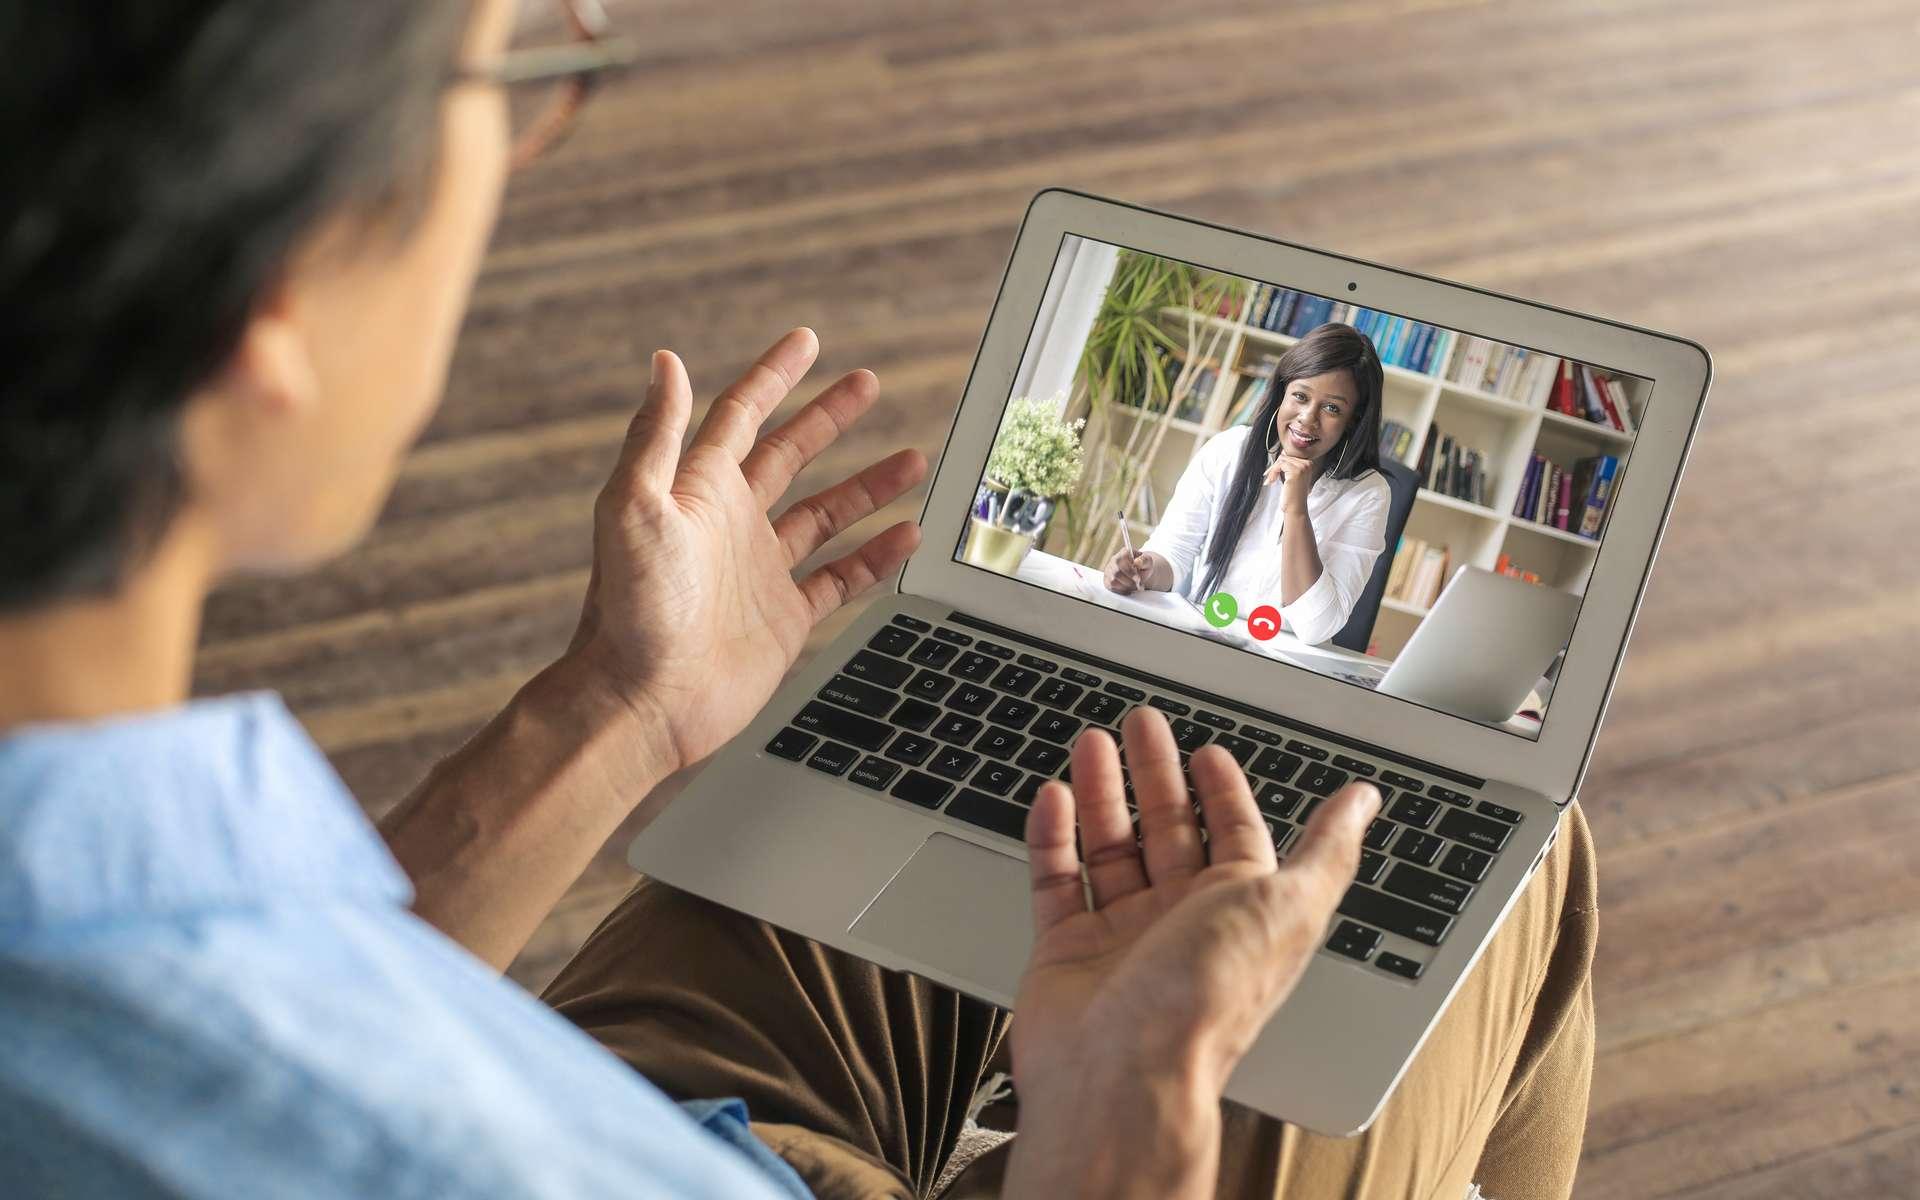 Avec les salons de l'emploi en ligne, les rencontres avec les recruteurs se feront par visioconférence. © merla, Adobe Stock